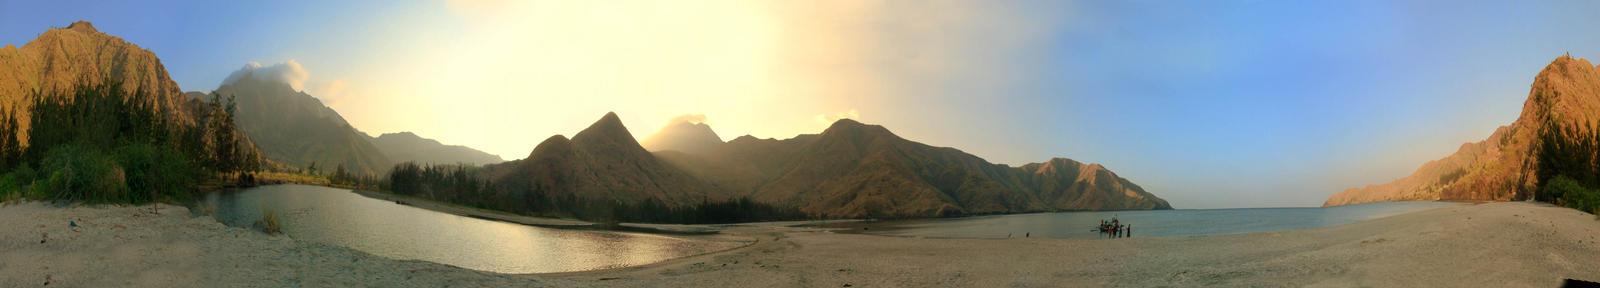 Nagsasa Cove, Zambales by islawpalitaw